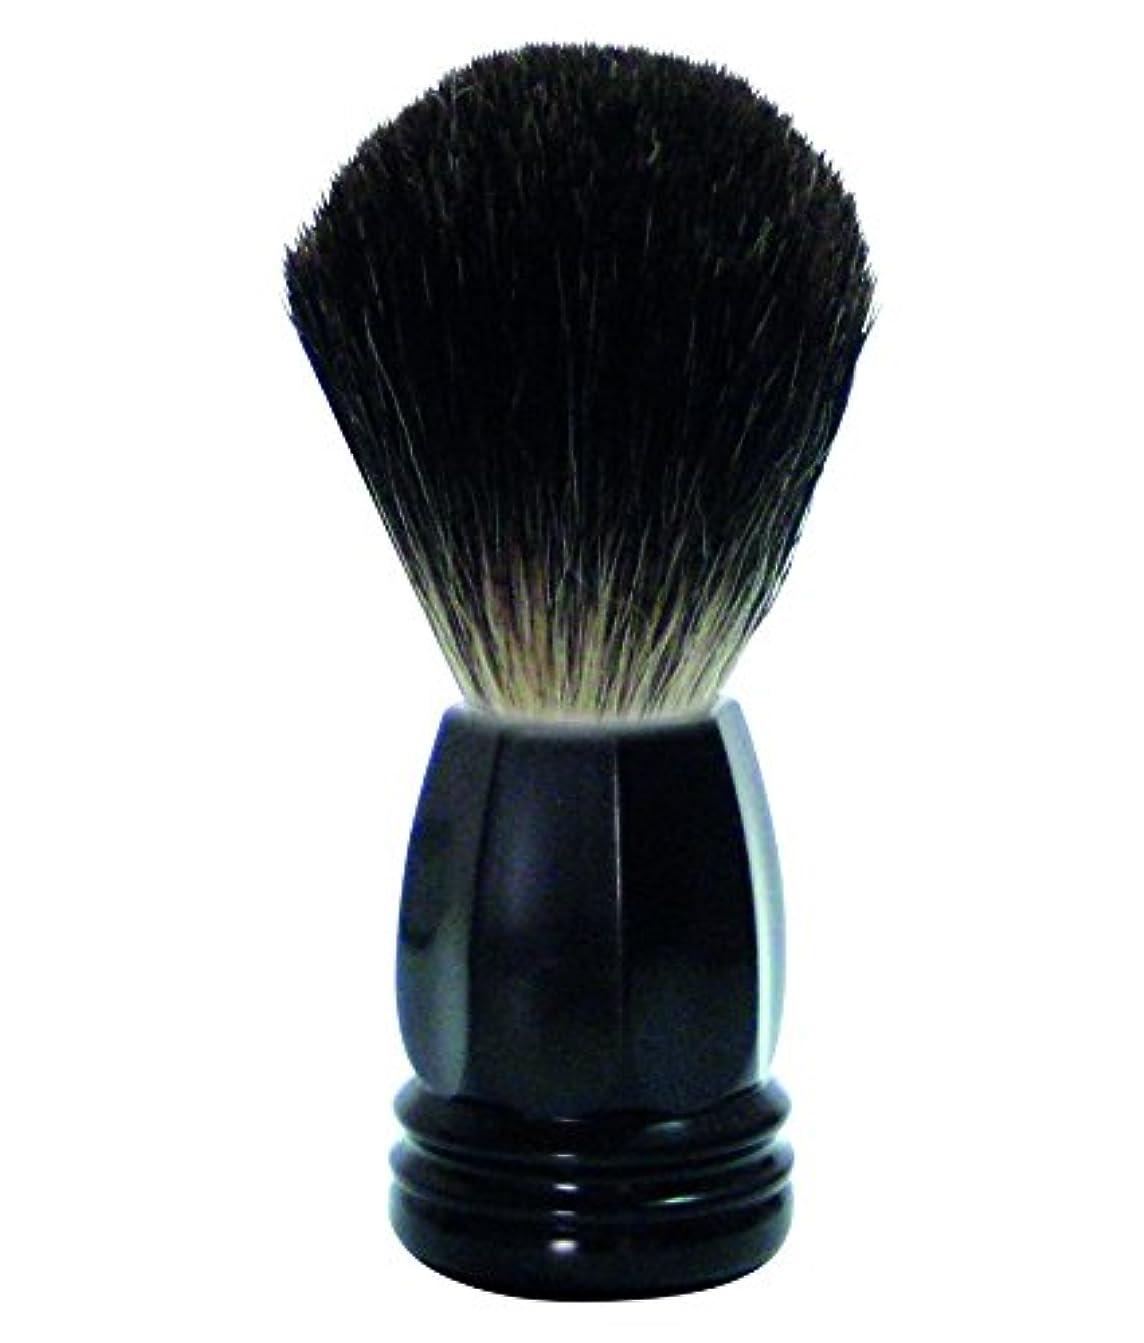 より良い輪郭させるGOLDDACHS Shaving Brush, 100% Badger hair, black polymer handle